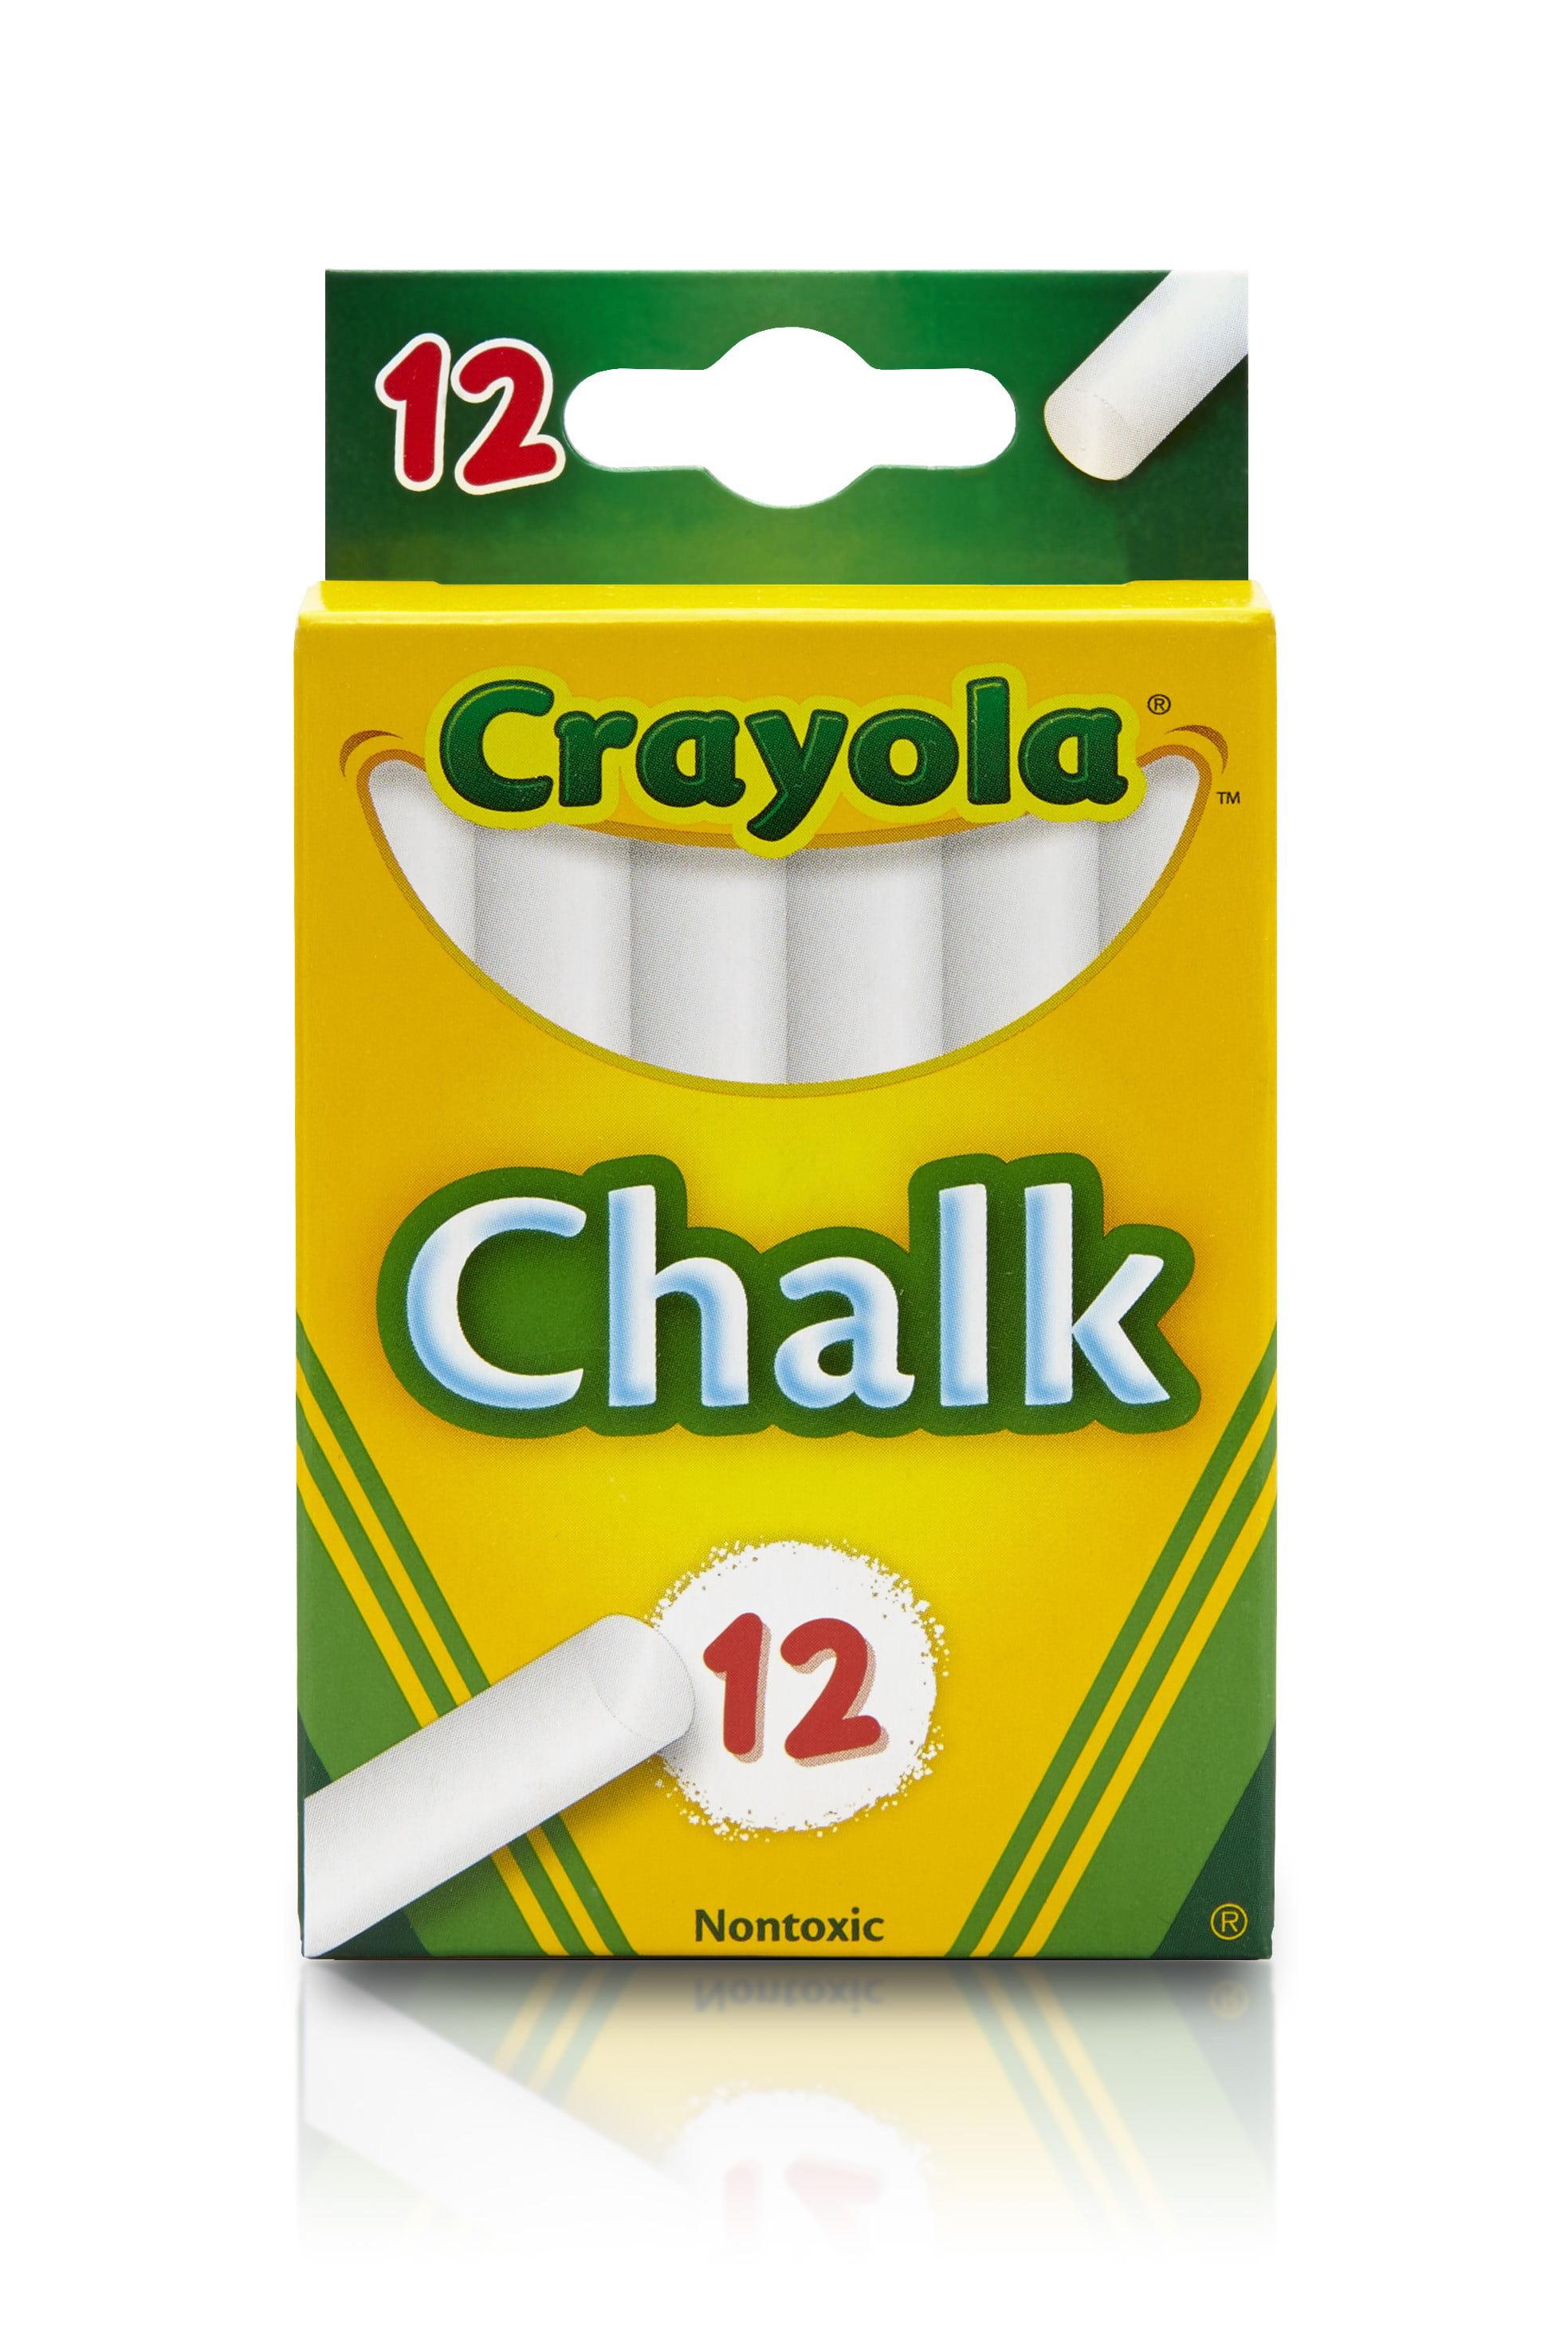 Crayola White Chalkboard Chalk, 12 count, School Supplies by Crayola